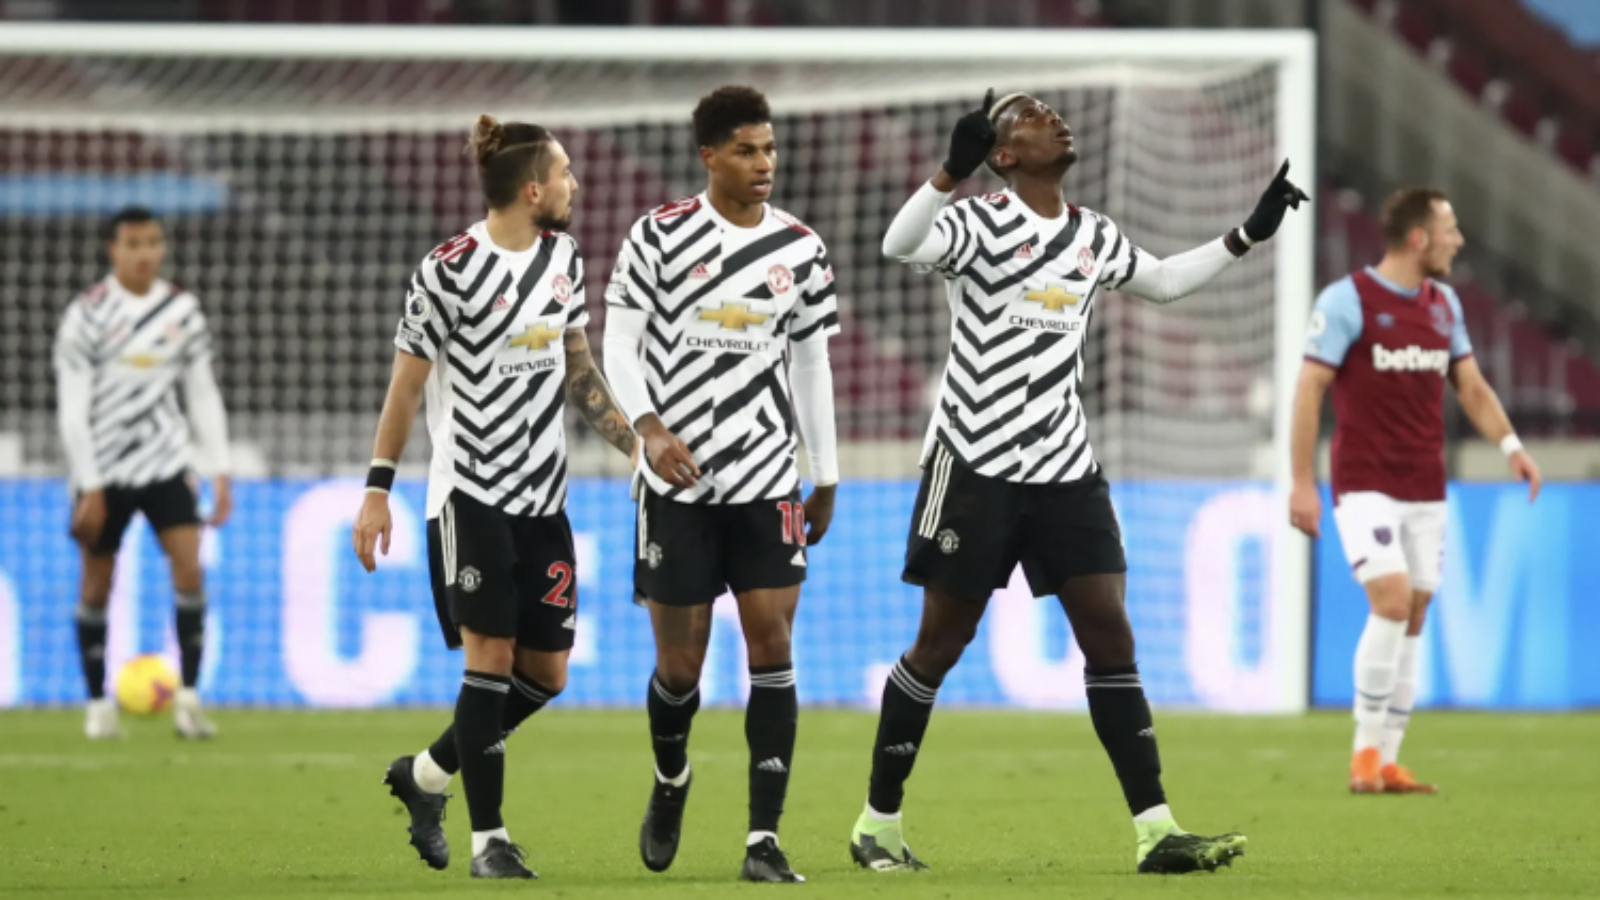 Bruno kiến tạo để Pogba lập siêu phẩm, MU ngược dòng trên sân West Ham để tiến vào top 4